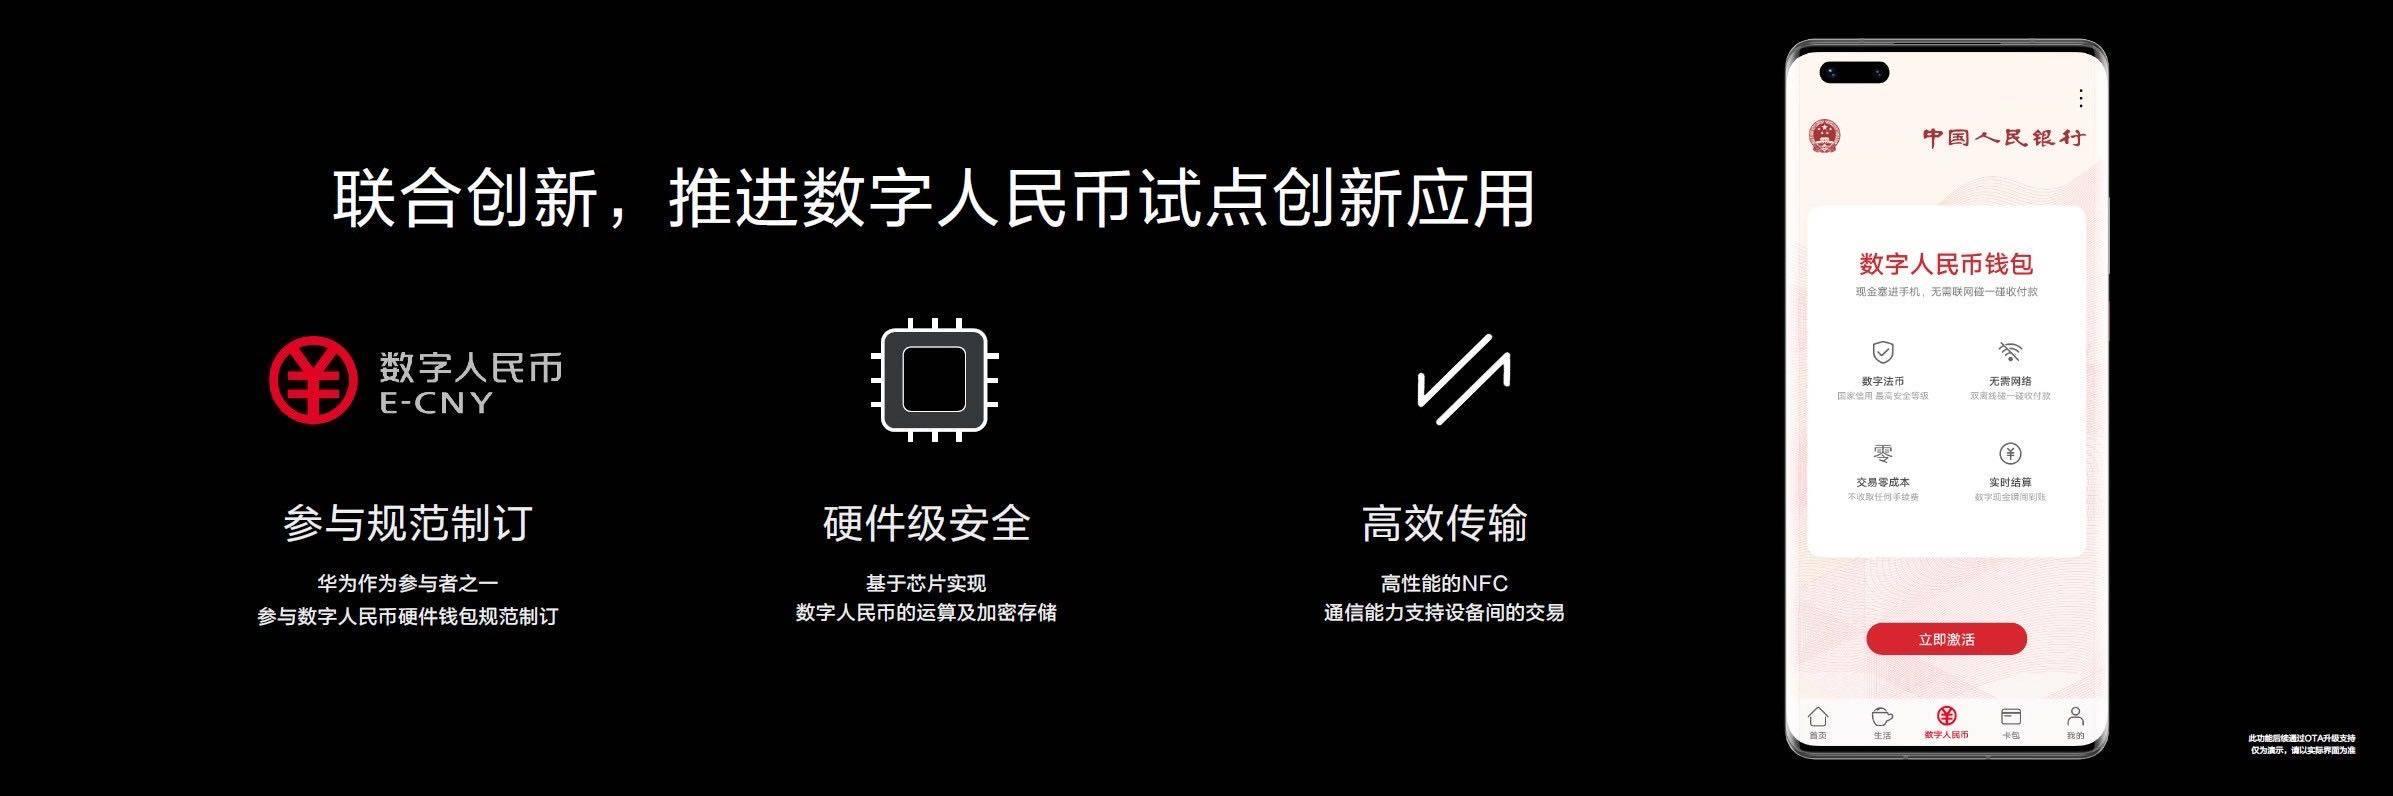 华为Mate40系列手机成全球首款支持数字人民币钱包的手机!